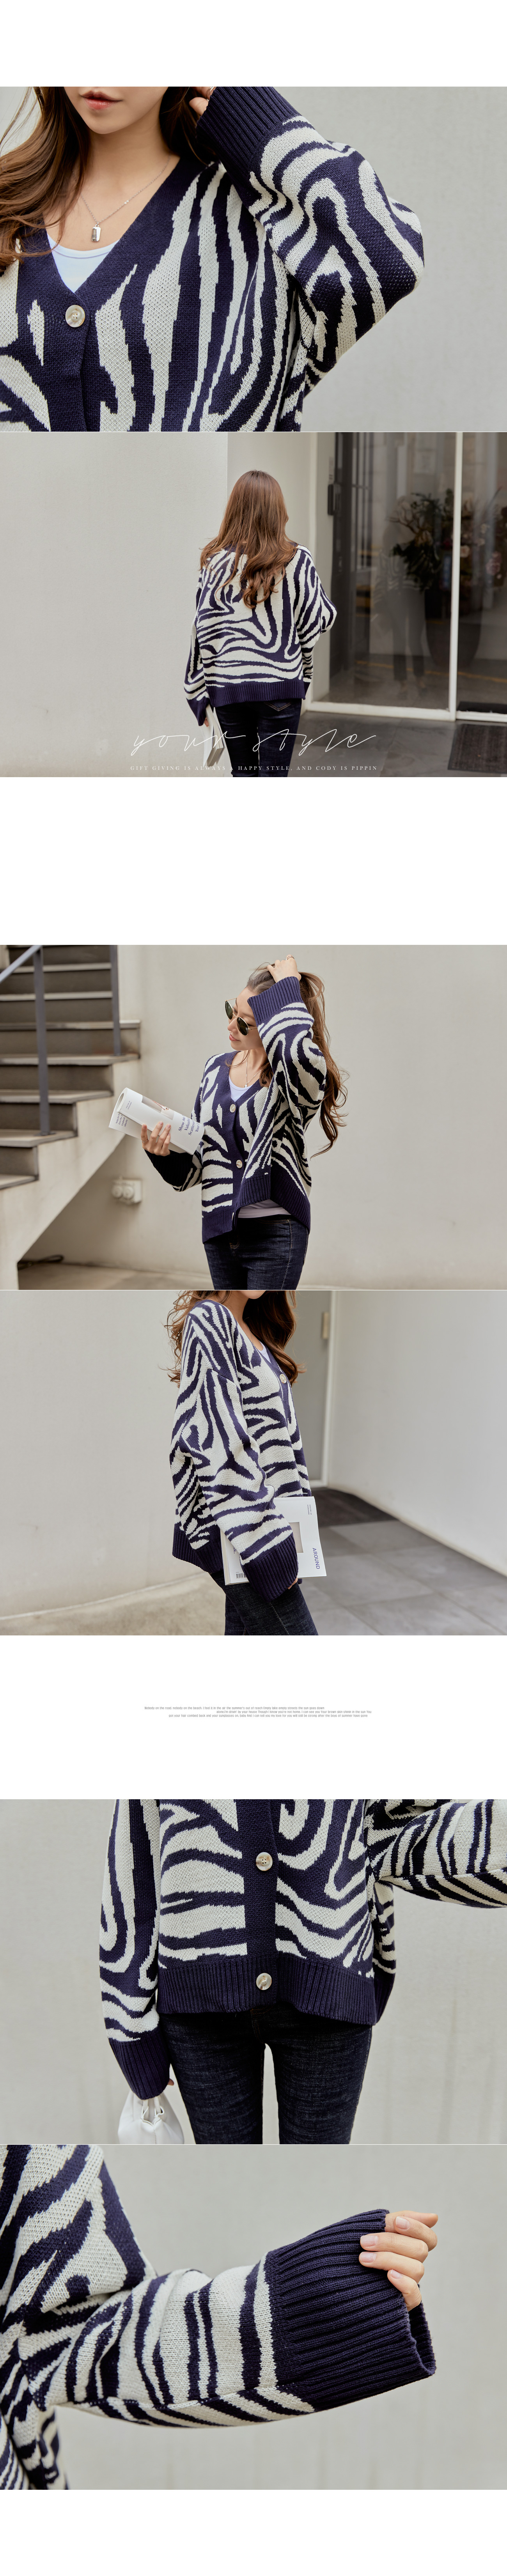 Zipra Pattern Boxy Boxy-fit Cardigan #22162